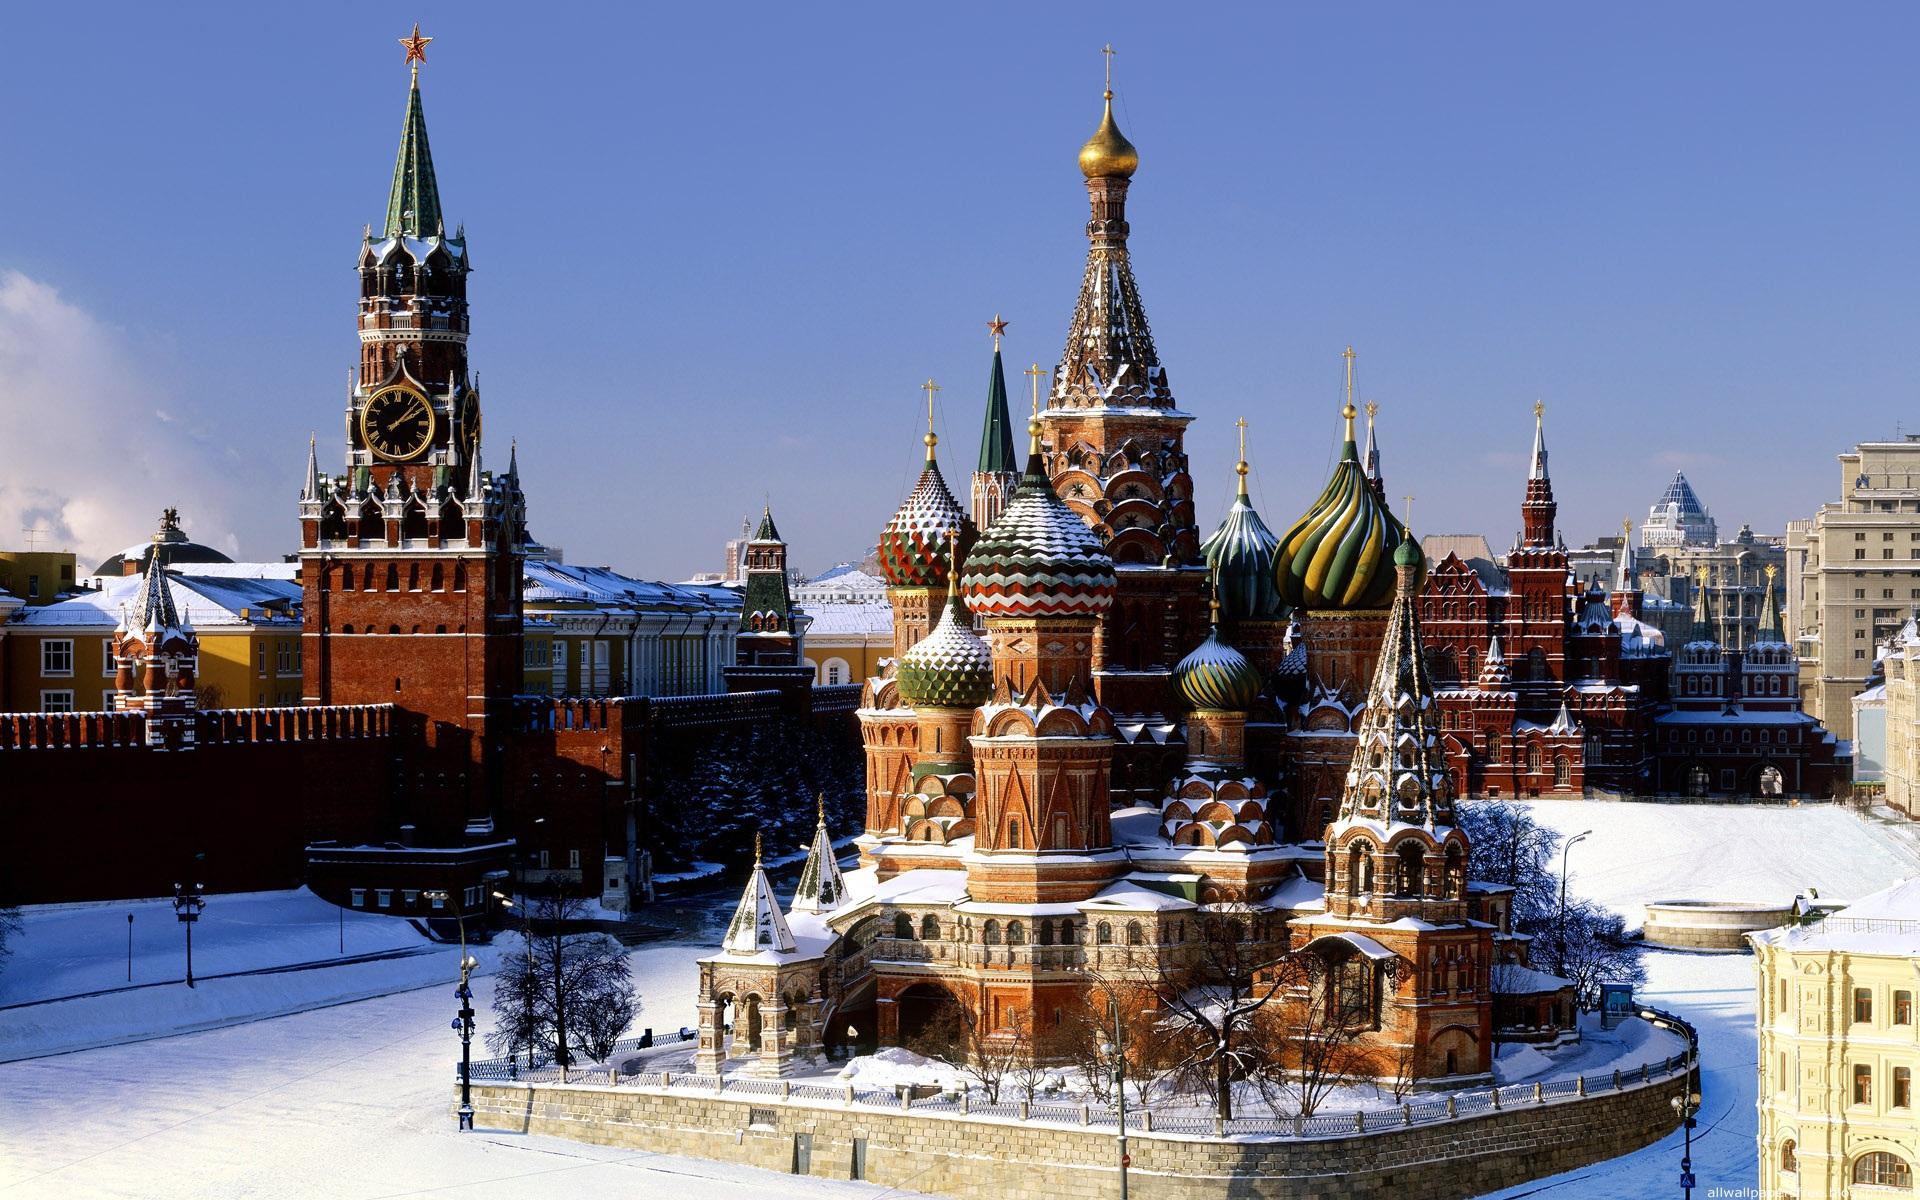 достопримечательности кремля в москве фото том, что всем